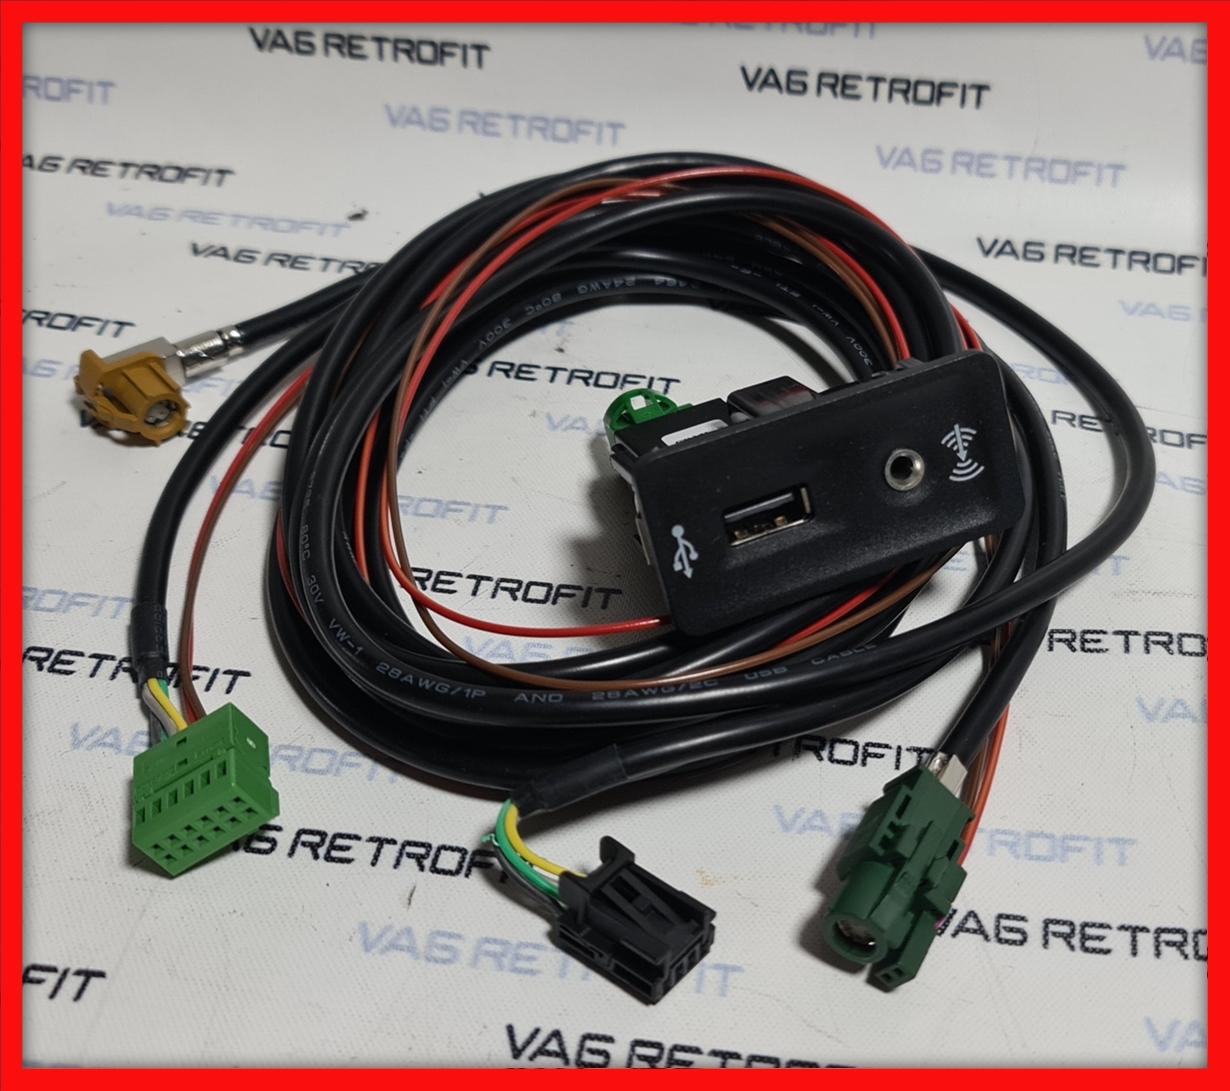 Poza 2 - Mufa USB Carplay App Connect MIB VW Golf 7 Passat B8 SKODA Cablaj